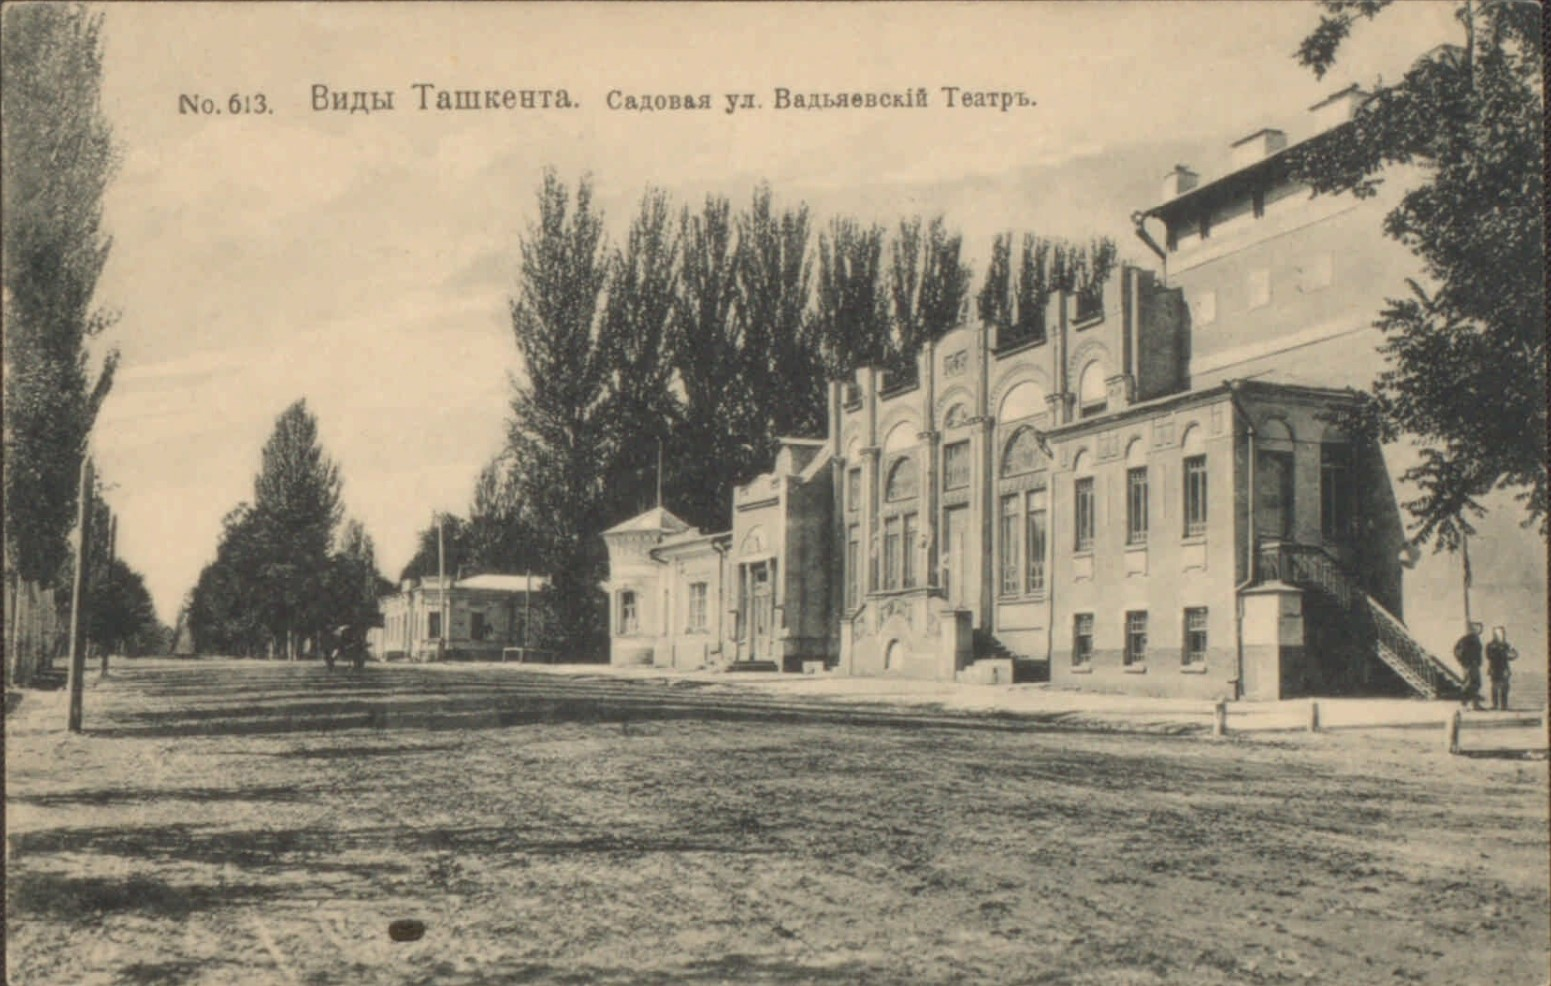 Садовая улица. Вадьяевский Театр